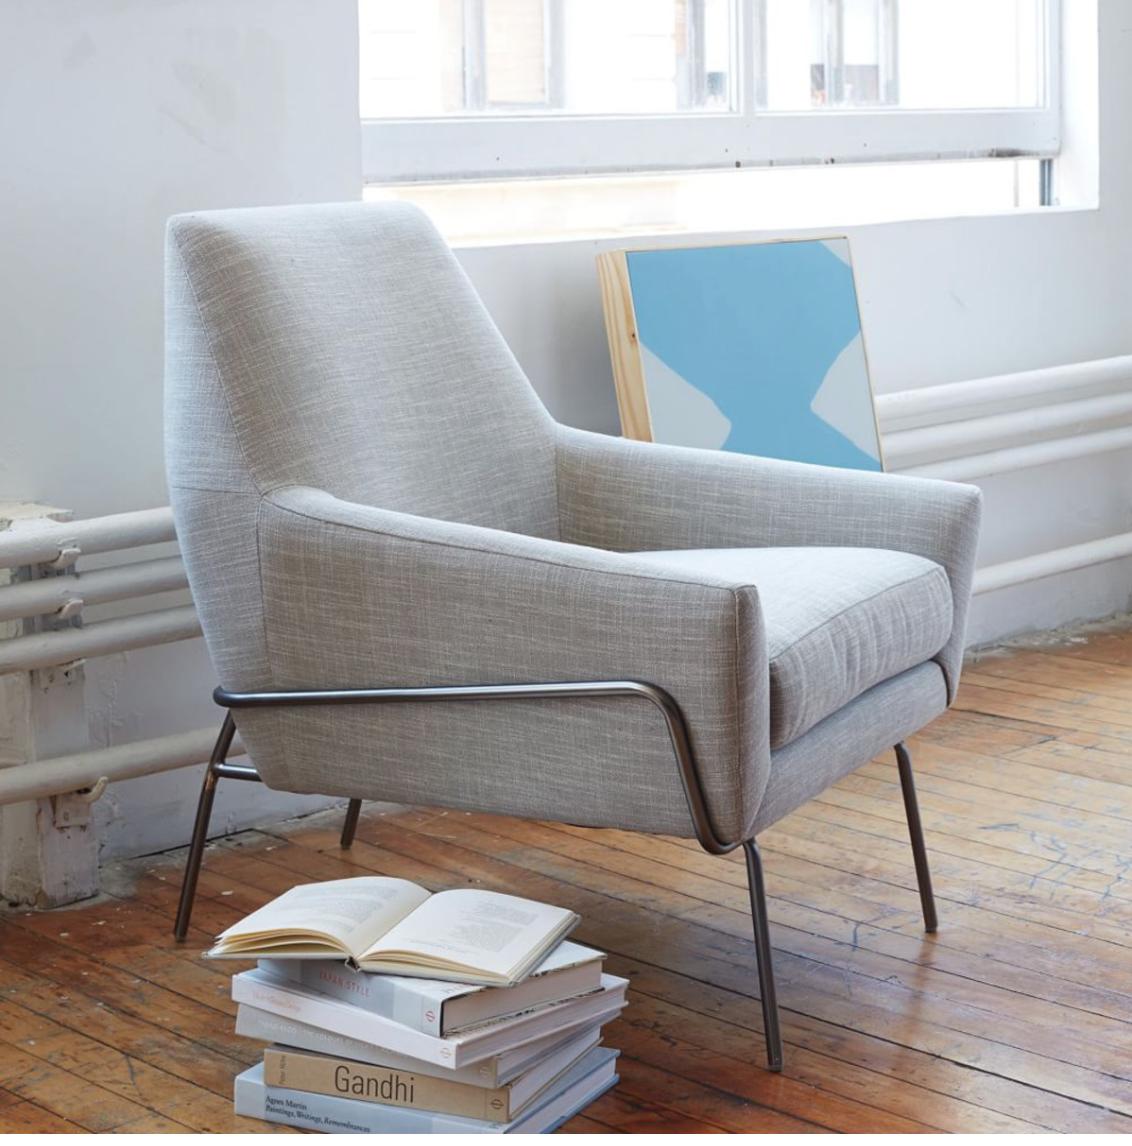 Pin De Onny Ponny En Furniture Pinterest # Muebles Novedosos